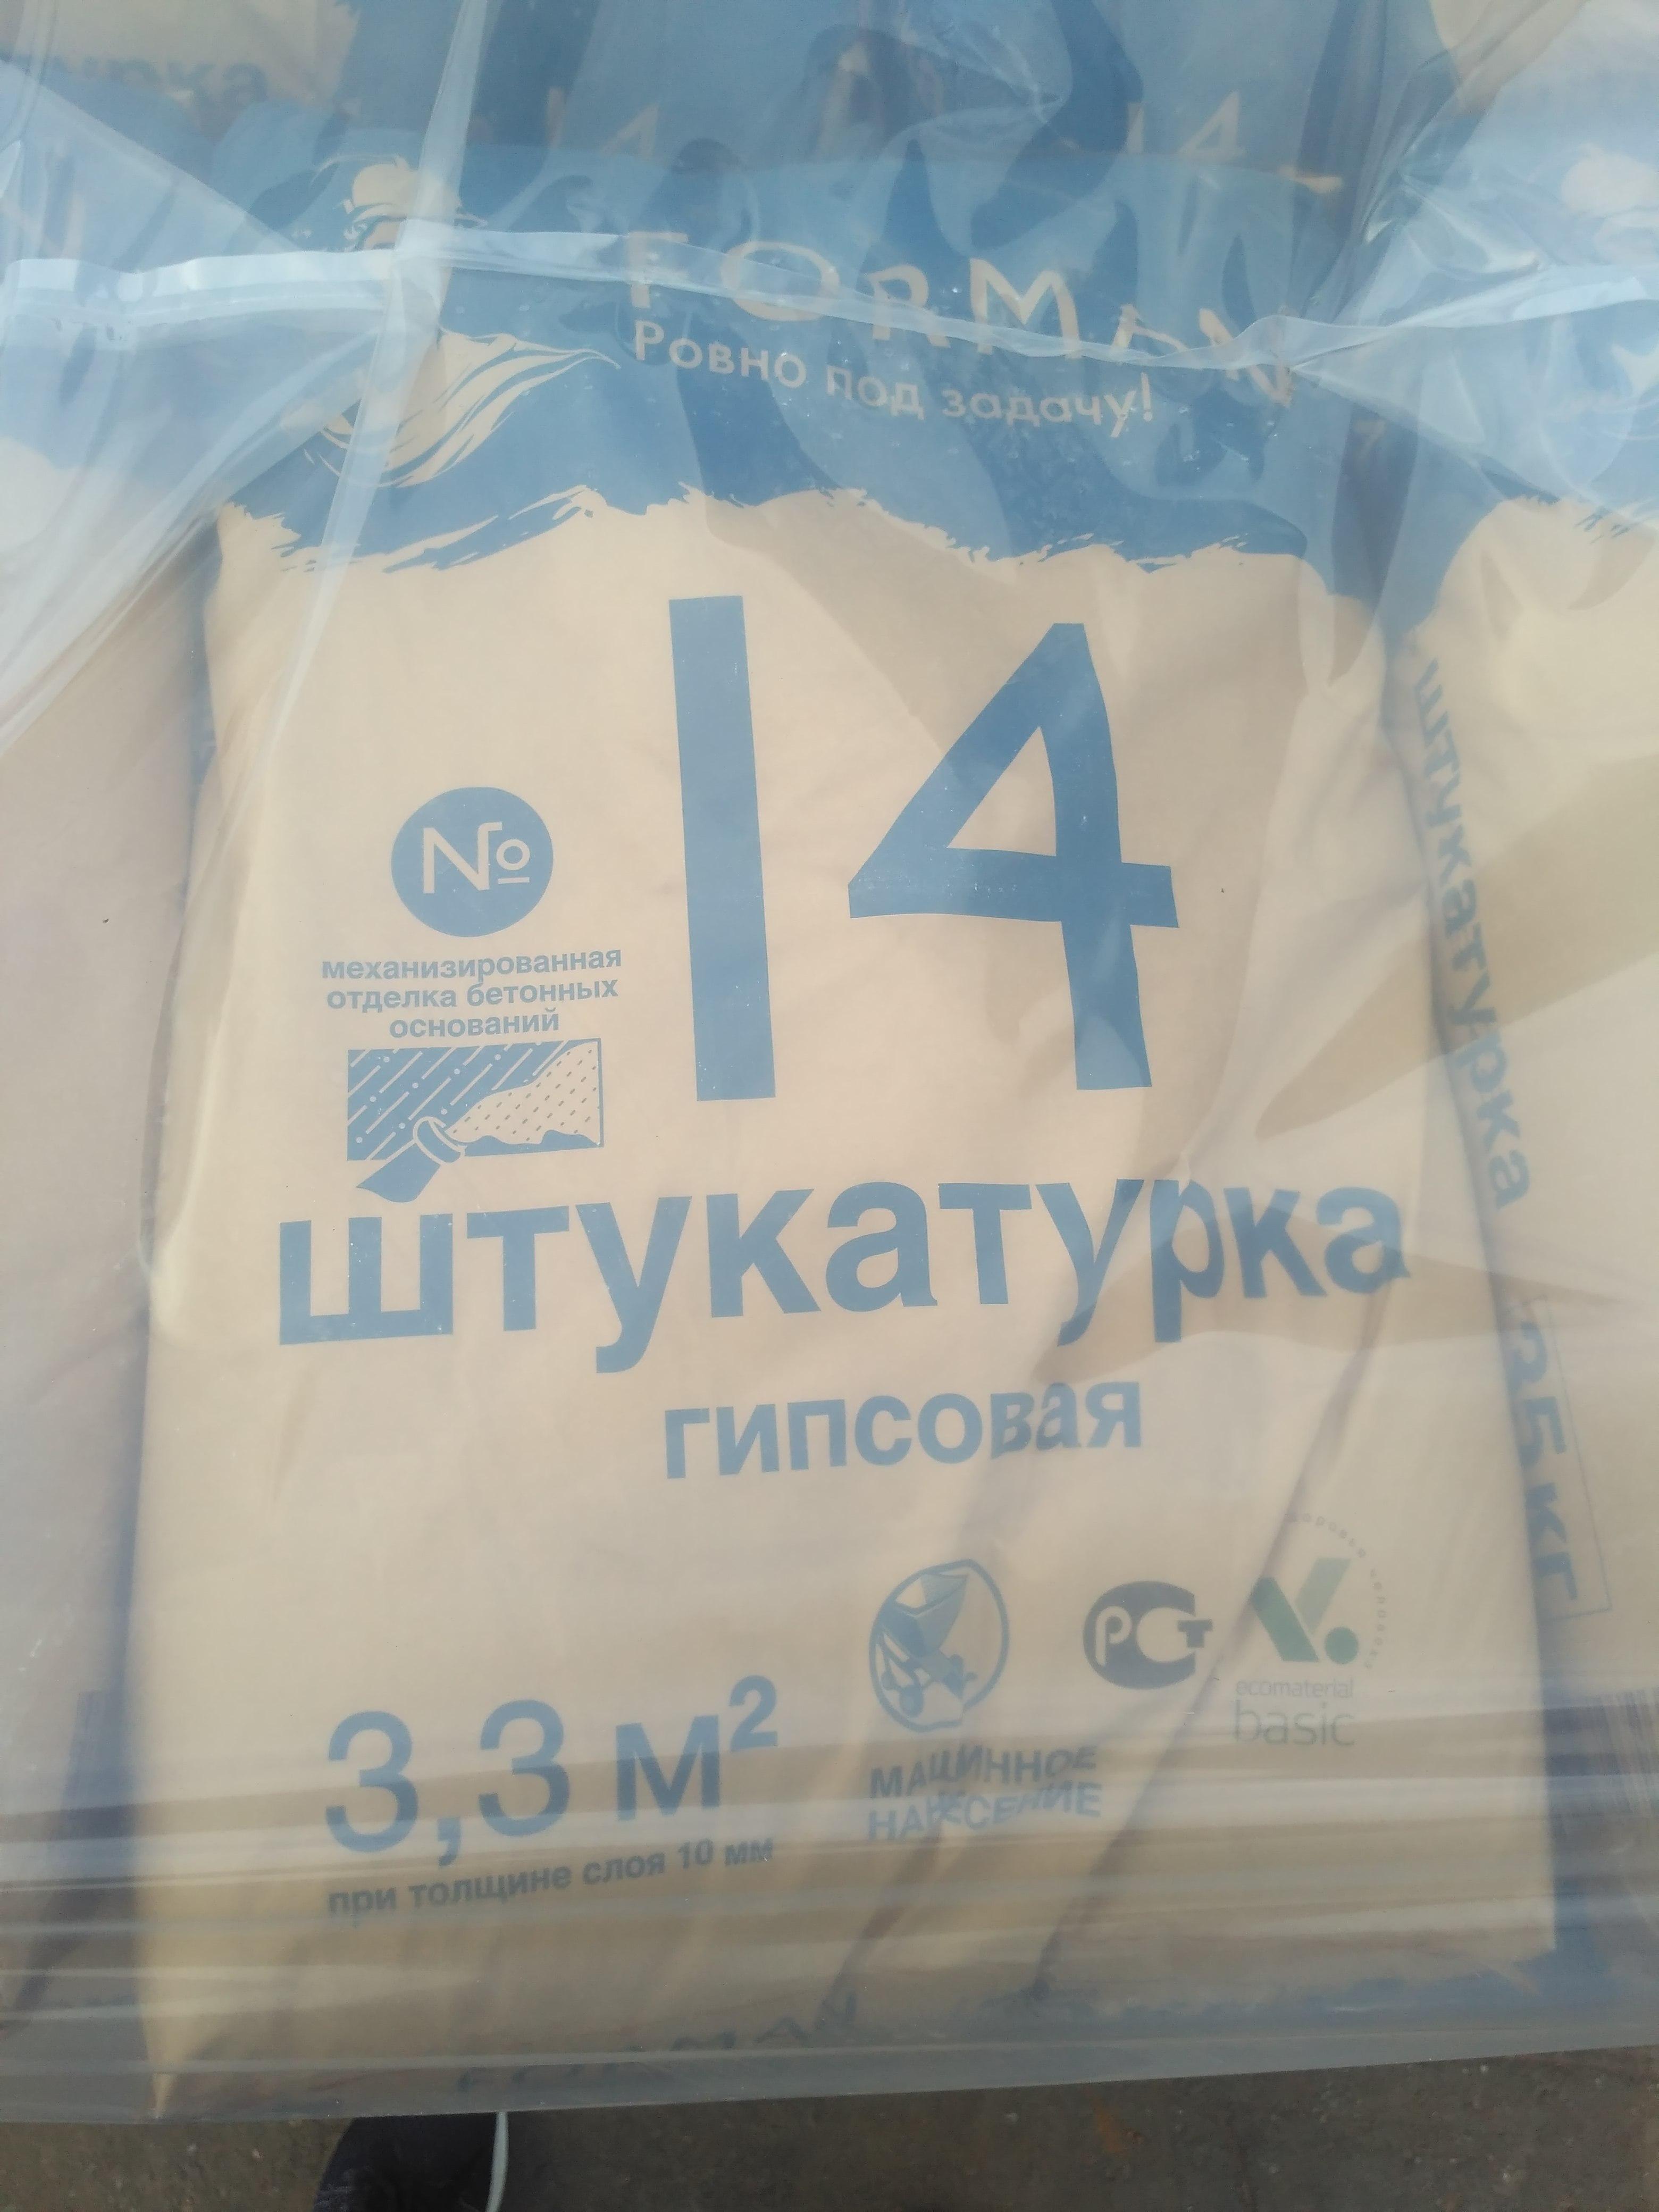 Штукатурка Forman гипсовая №14, 35 кг, фото